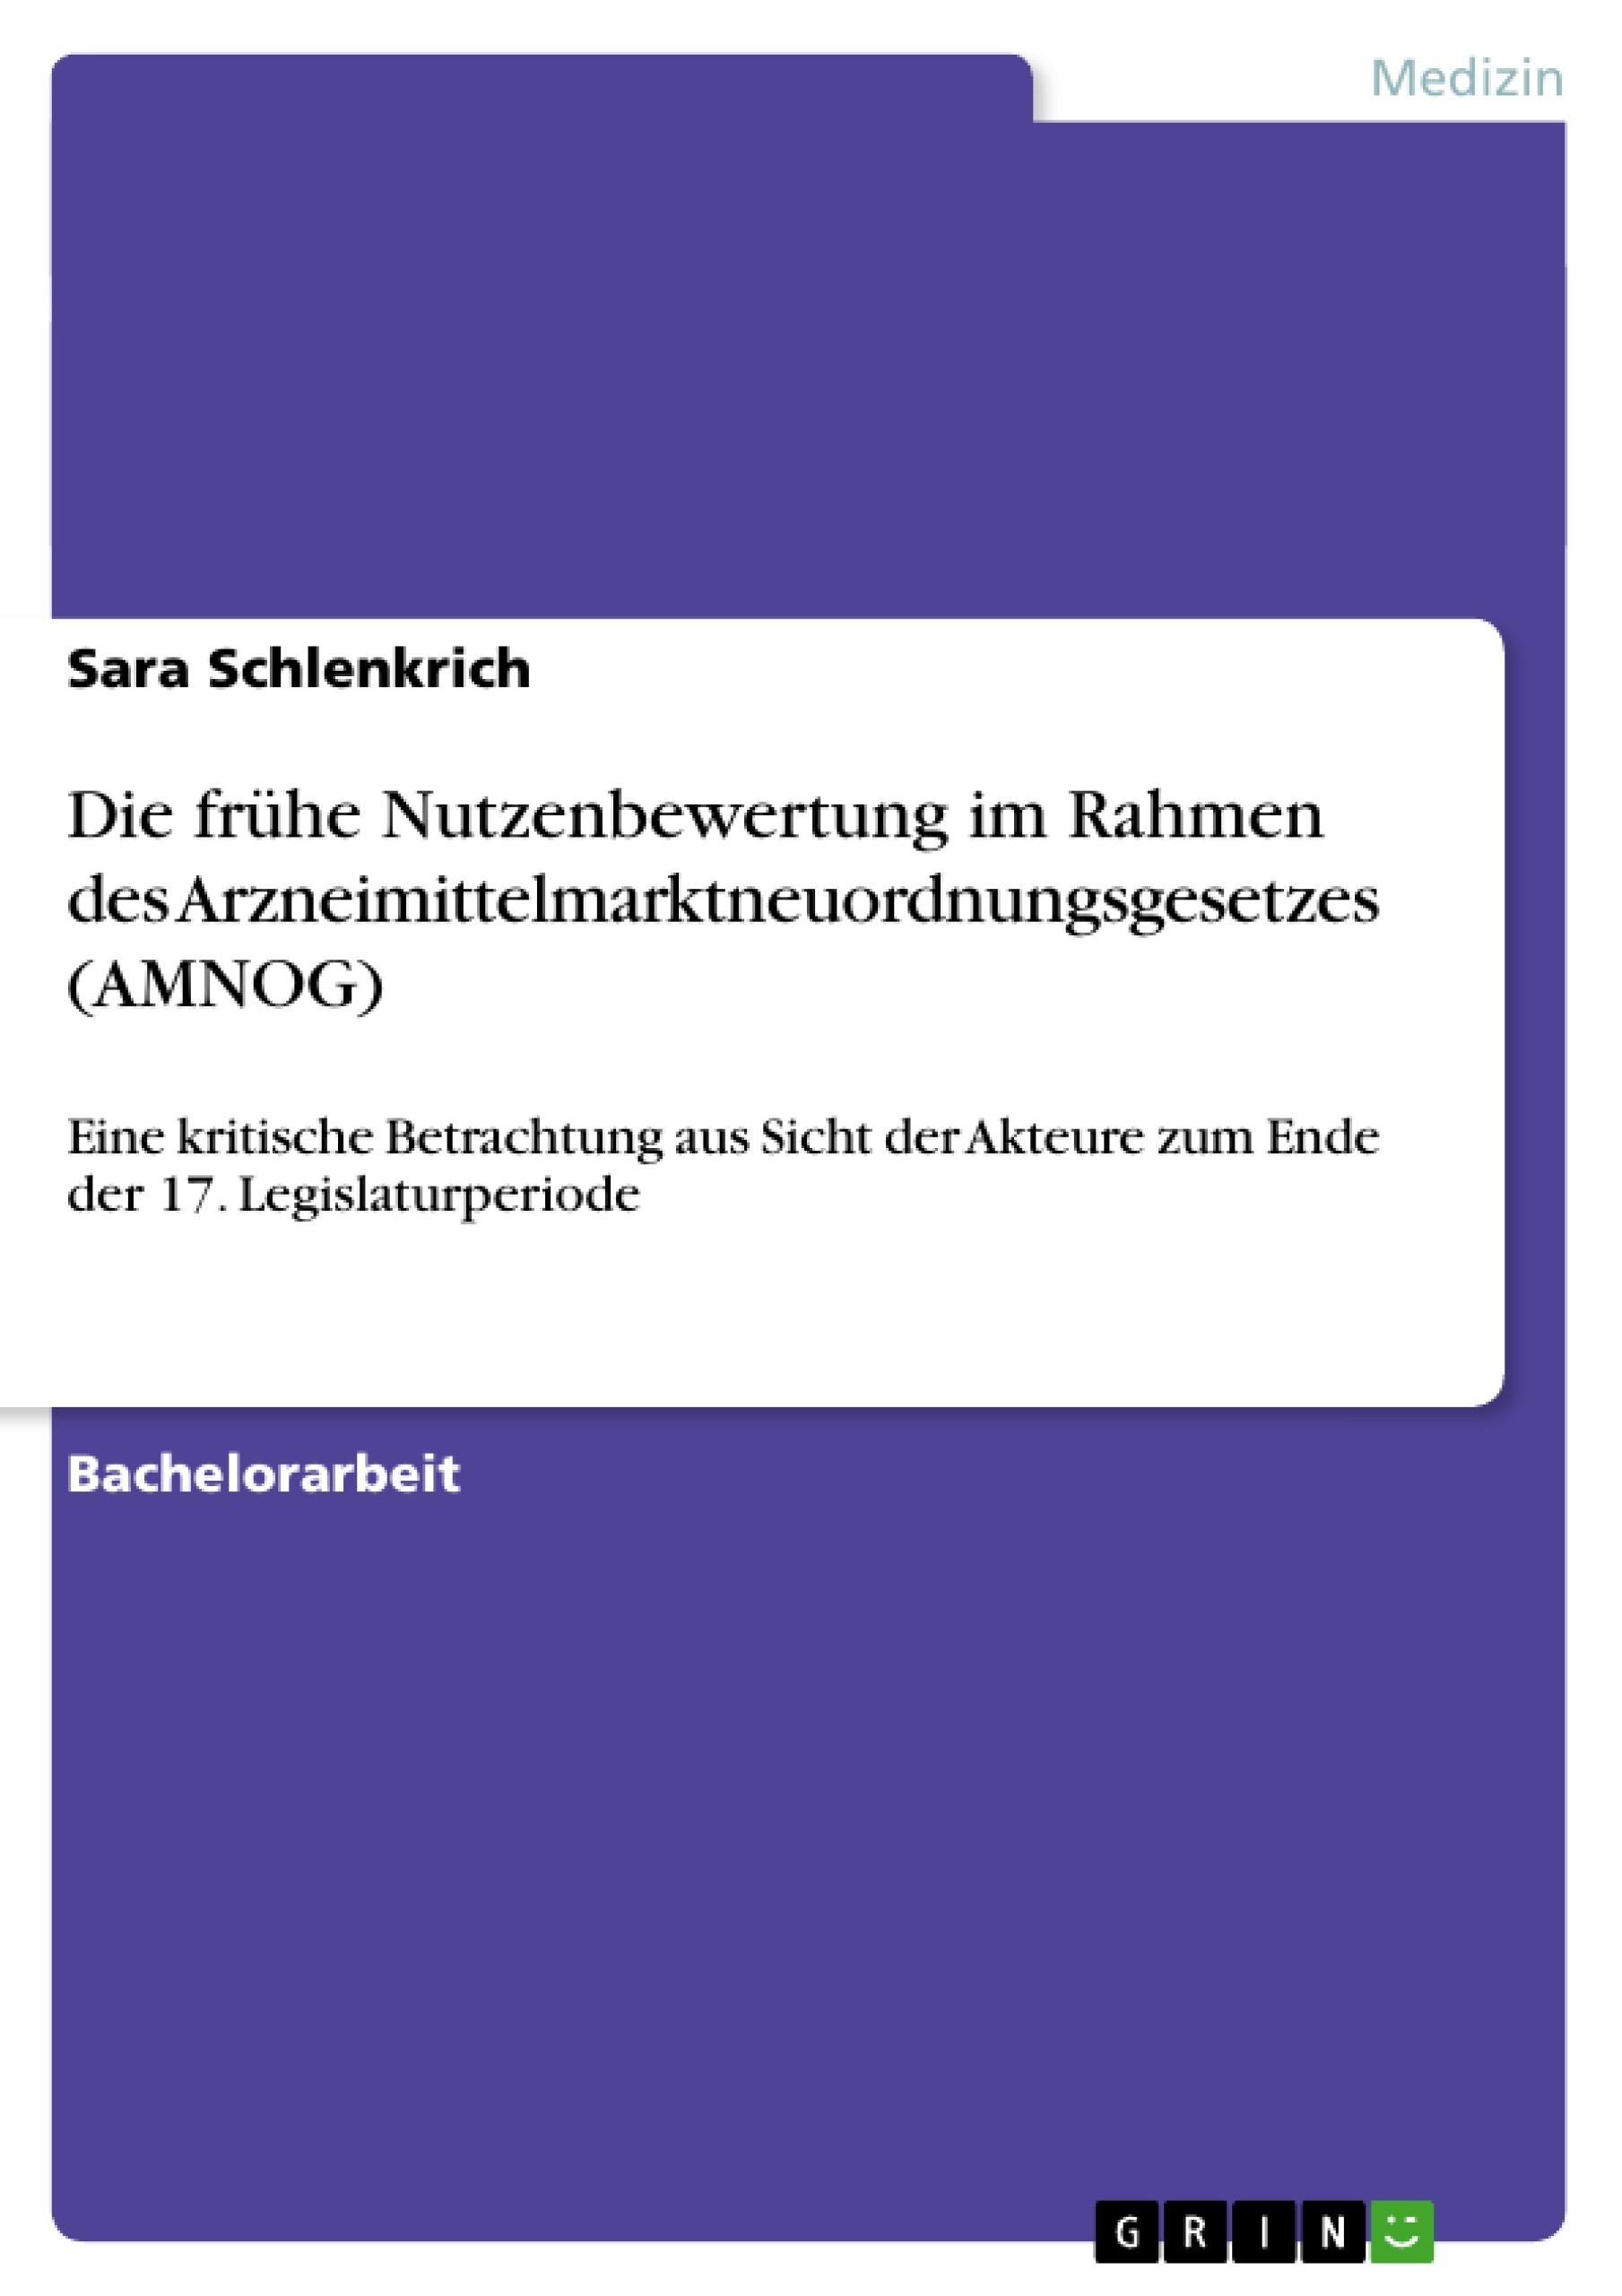 Titel: Die frühe Nutzenbewertung im Rahmen des Arzneimittelmarktneuordnungsgesetzes (AMNOG)